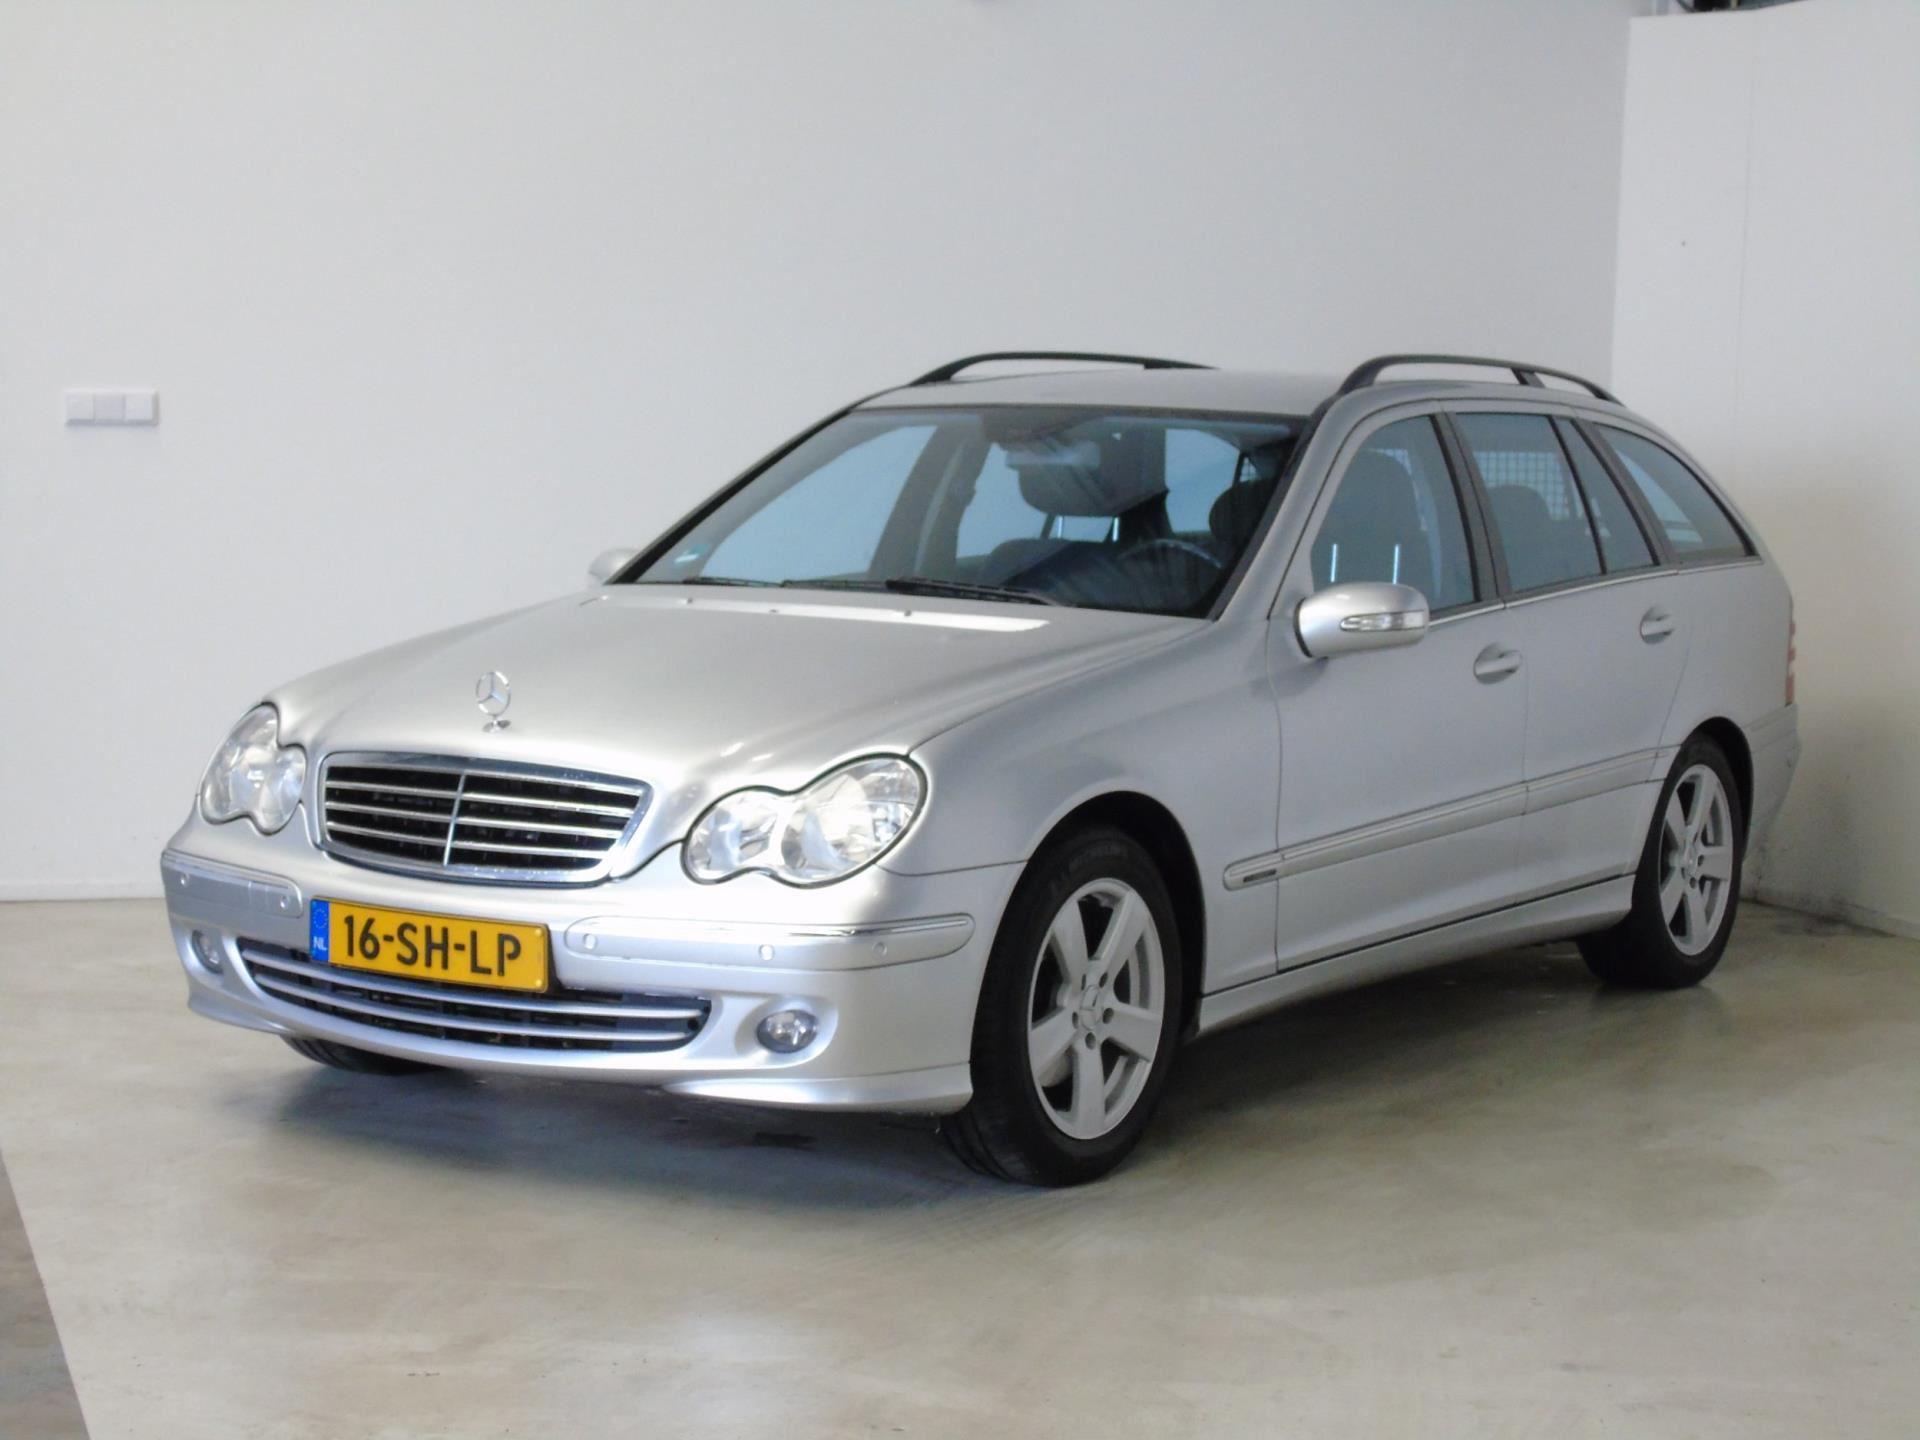 Mercedes-Benz C-klasse Combi occasion - van Dijk auto's